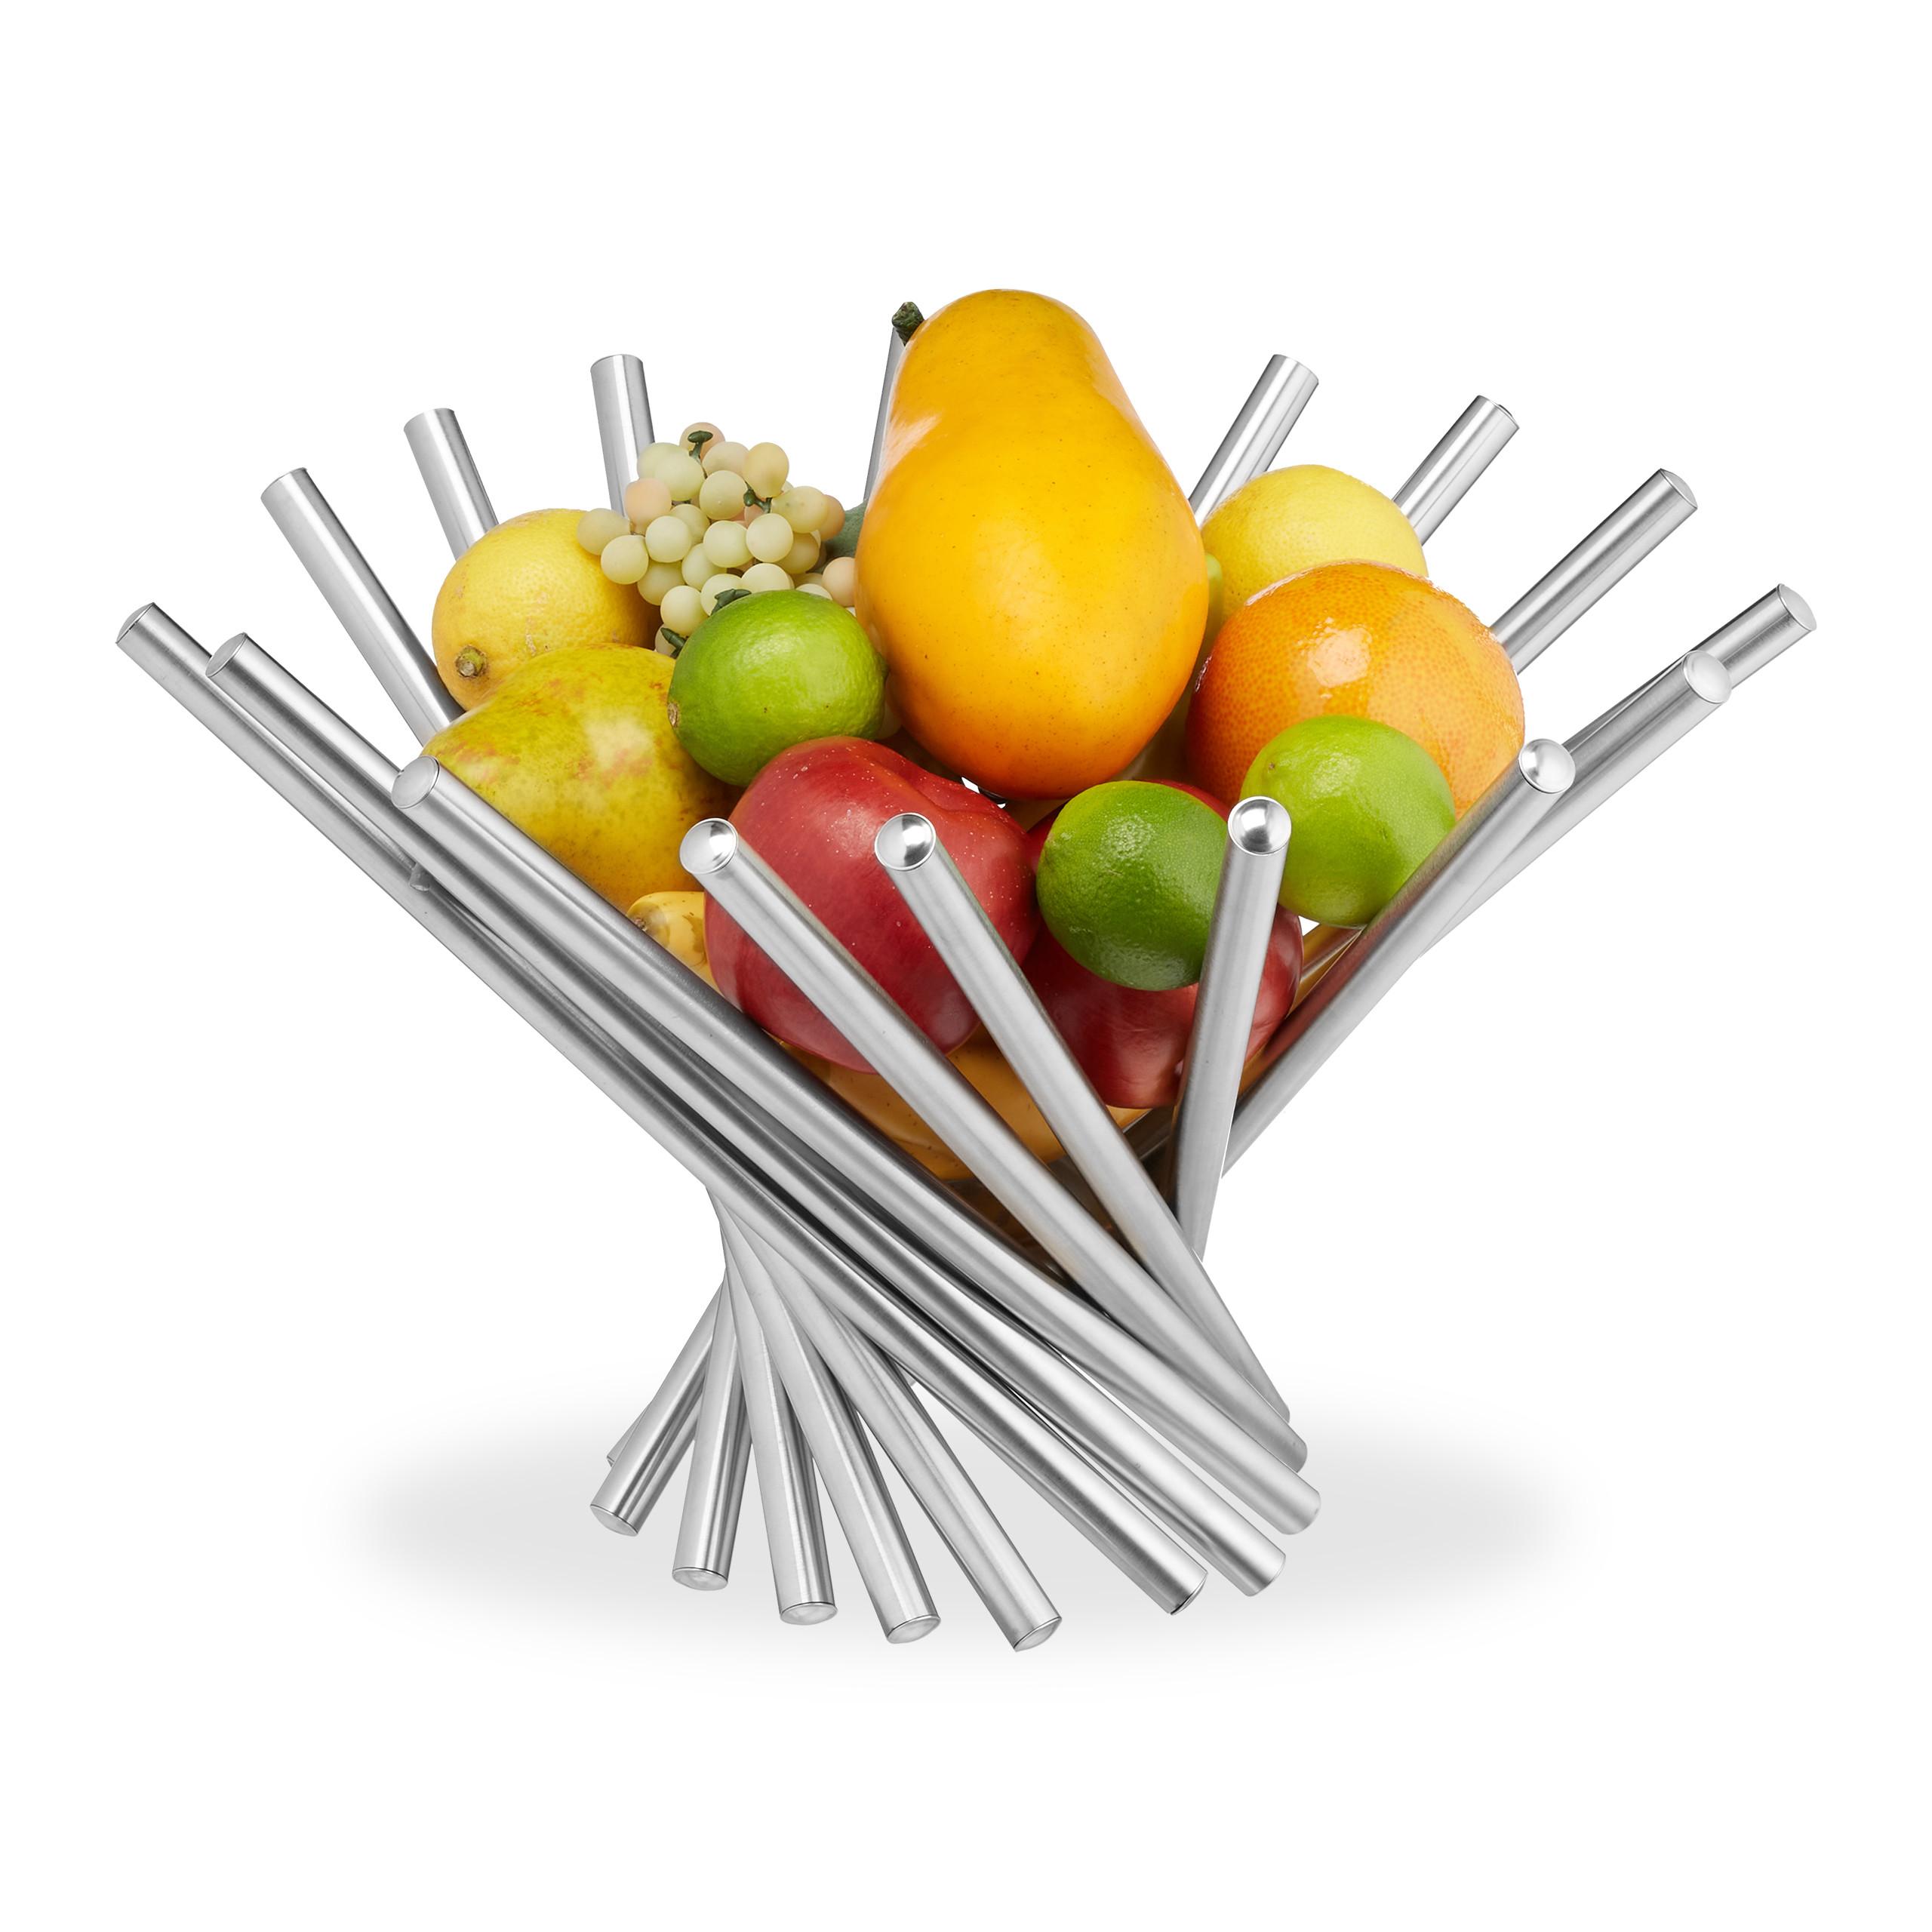 Snacks Obst Obstschale Dekorativer Obstkorb Sch/üssel Beh/älter Edelstahl Draht Aufbewahrungsk/örbe F/ür Brot Candy Kitchen Drain Rack